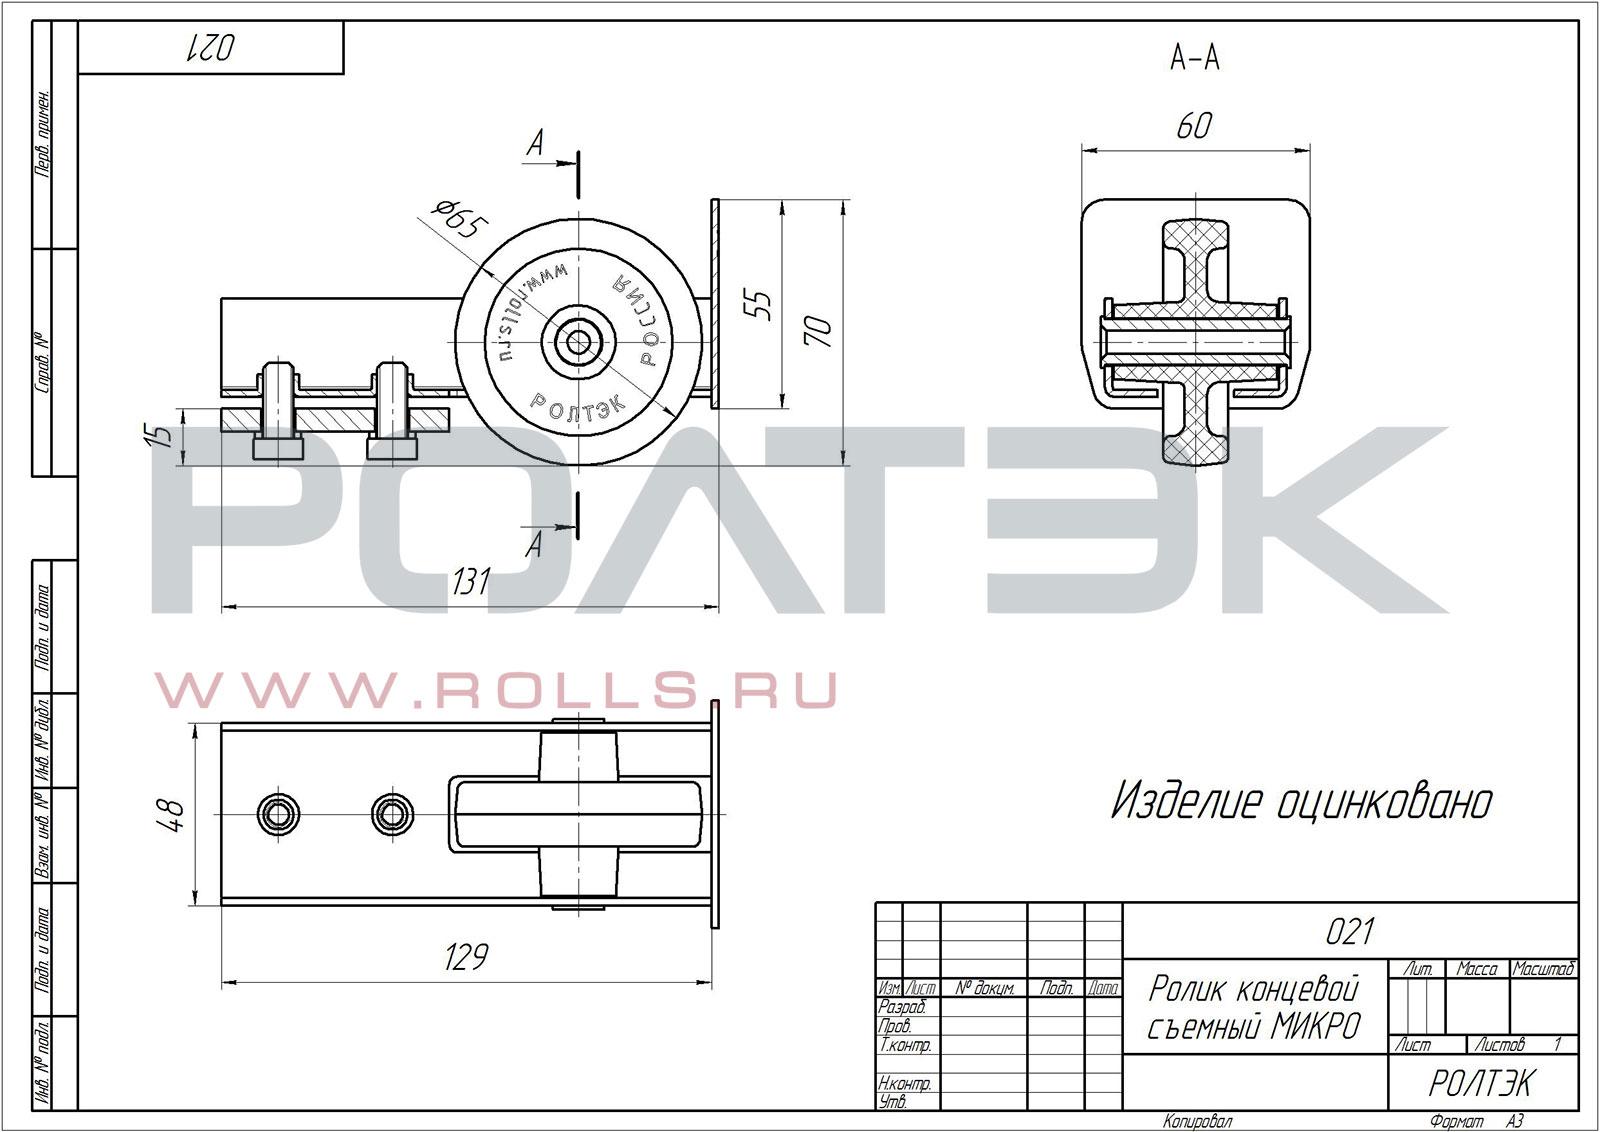 021-Ролик-концевой-МИКРО.jpg